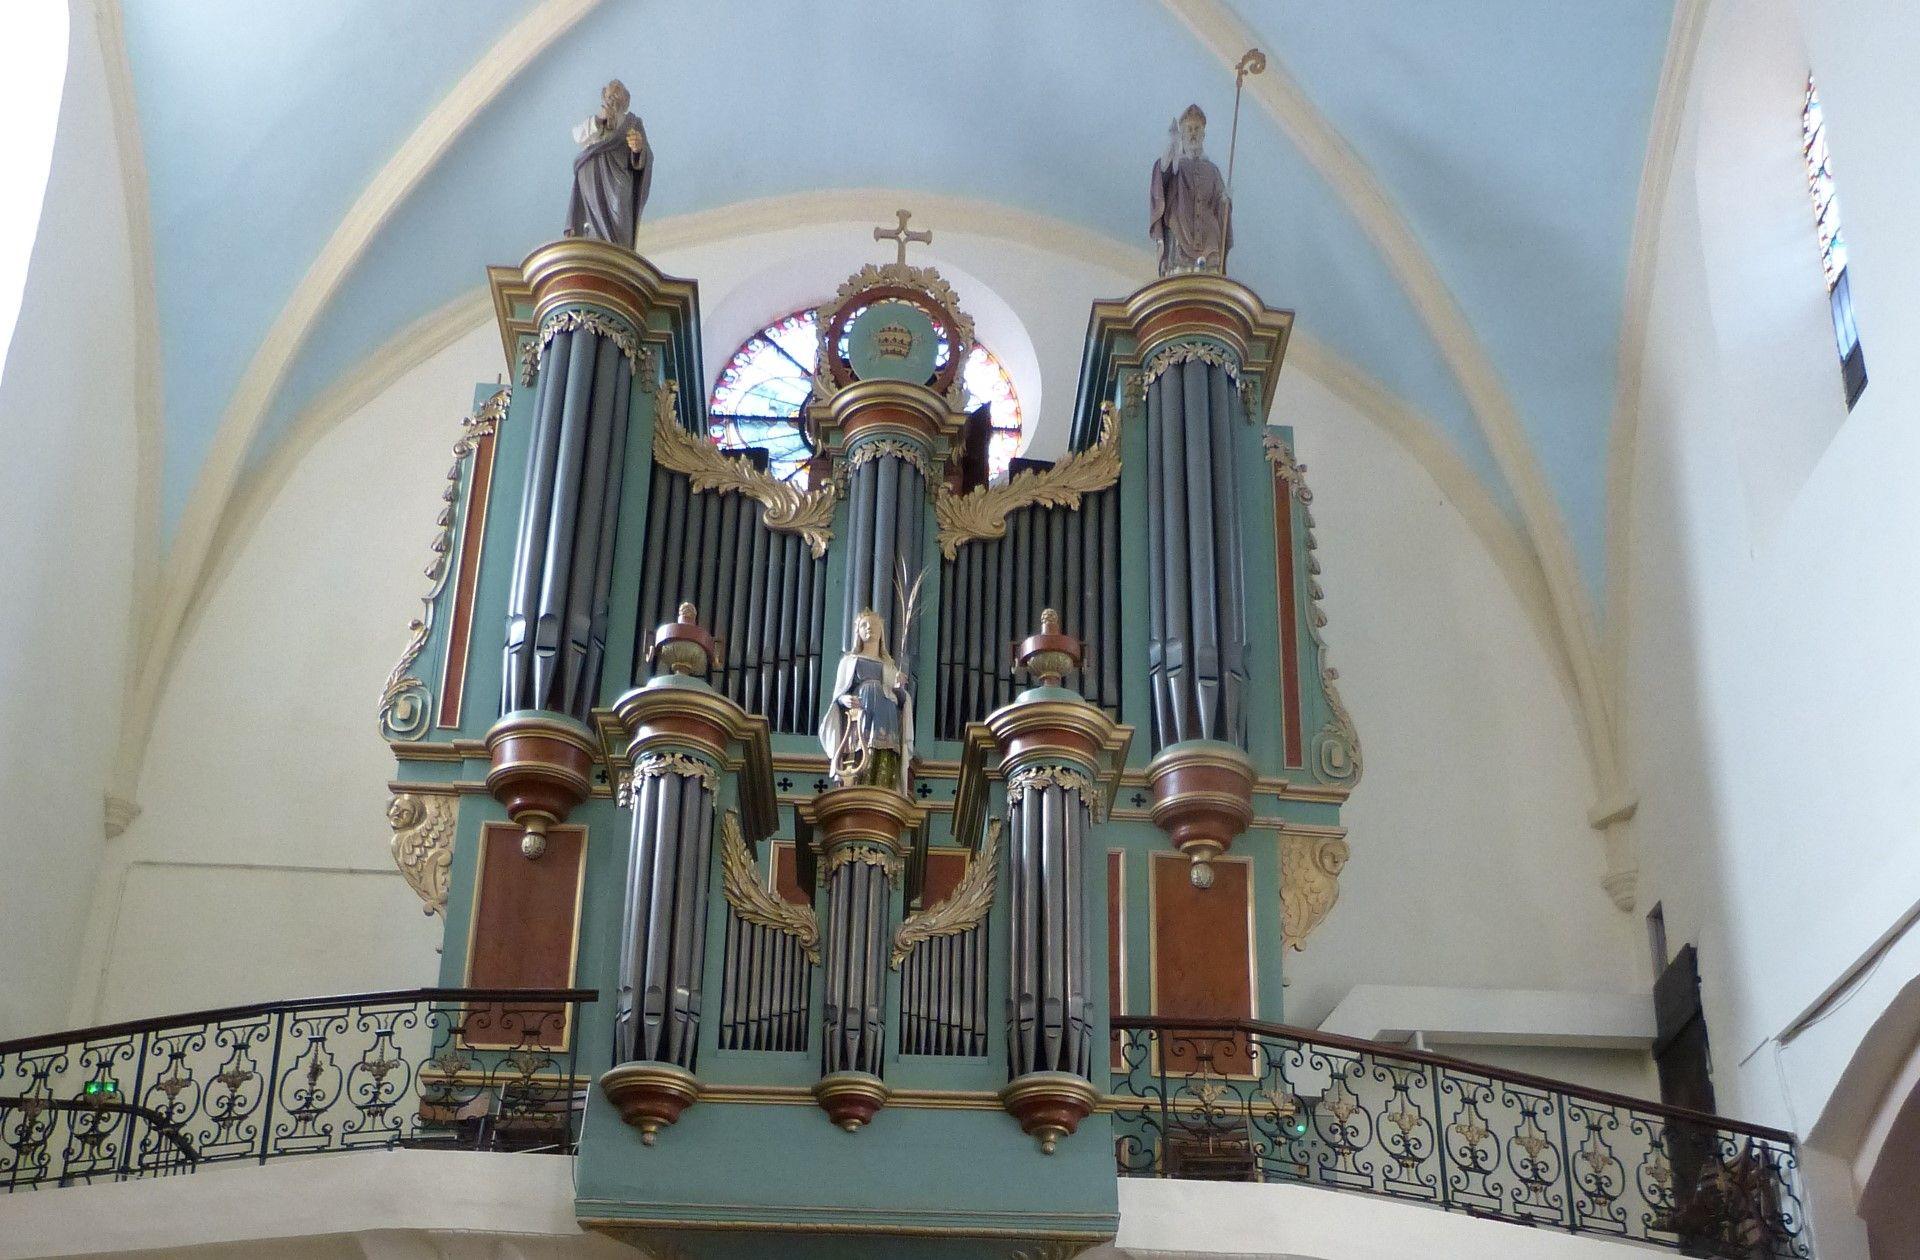 Orgue de l'église de Saint-Sauveur à Aubagne : projet de restauration